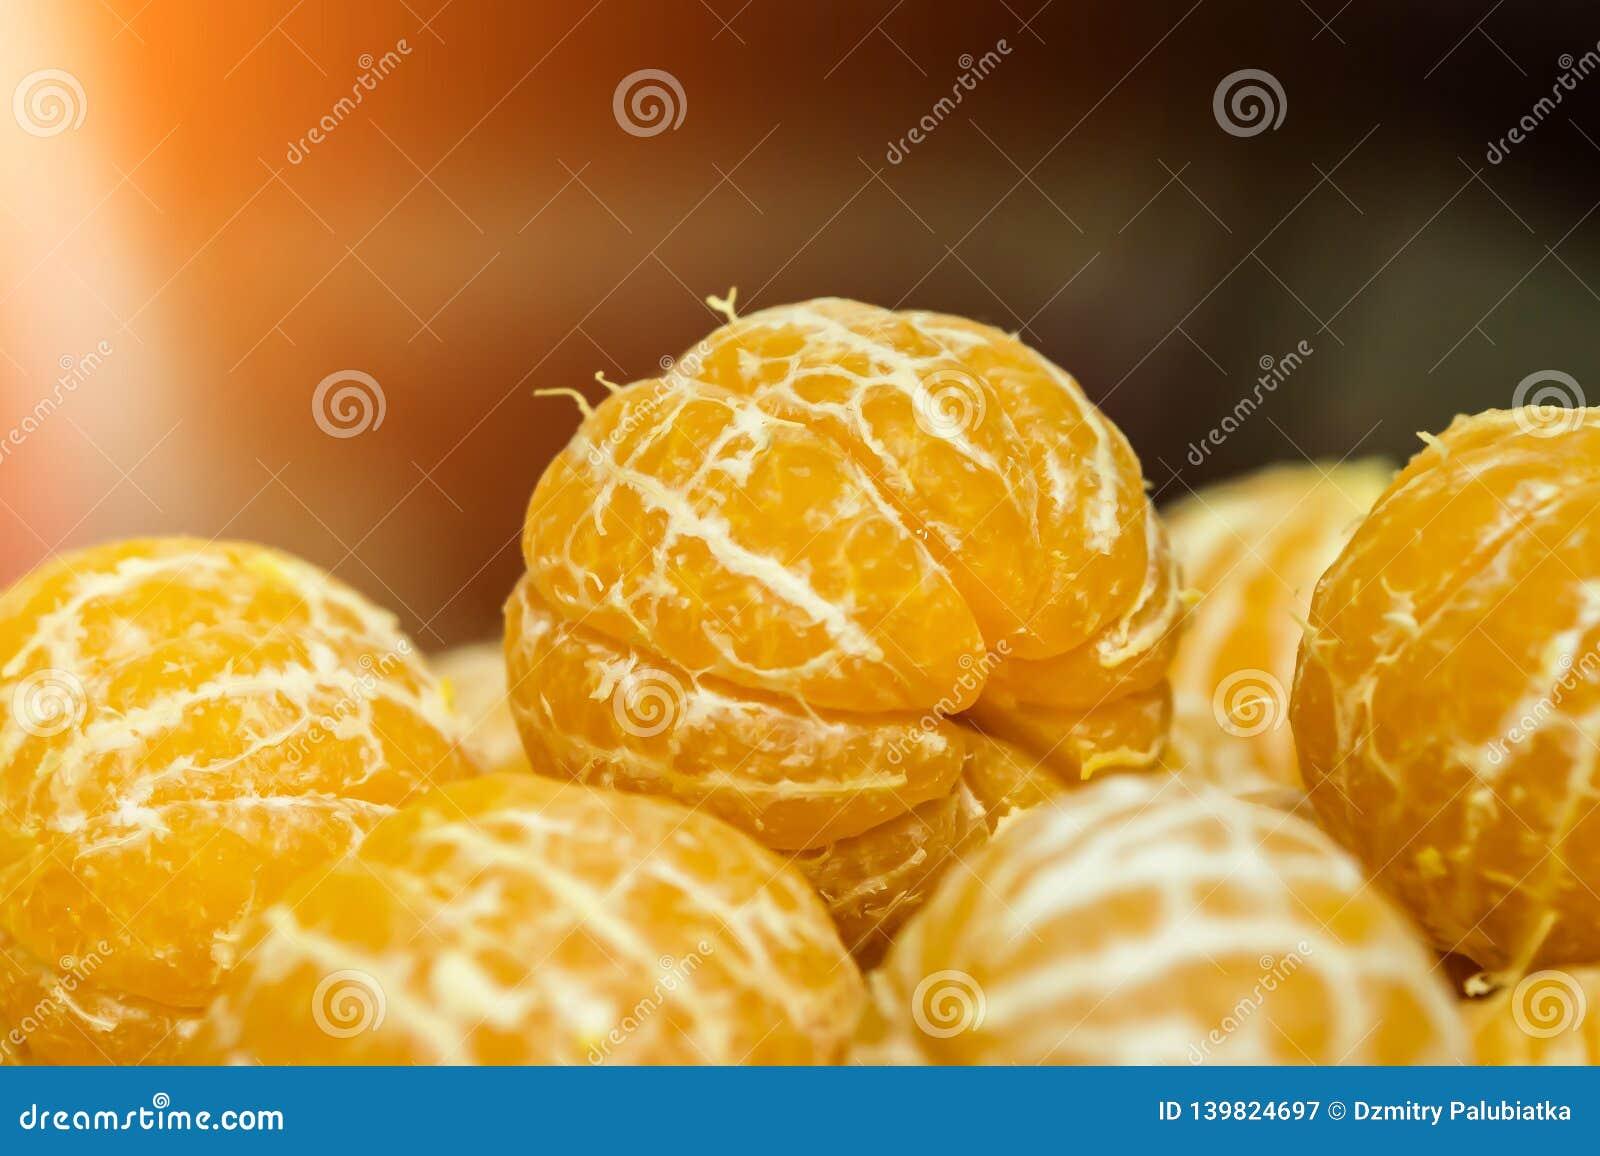 Mandarinas sin la cáscara